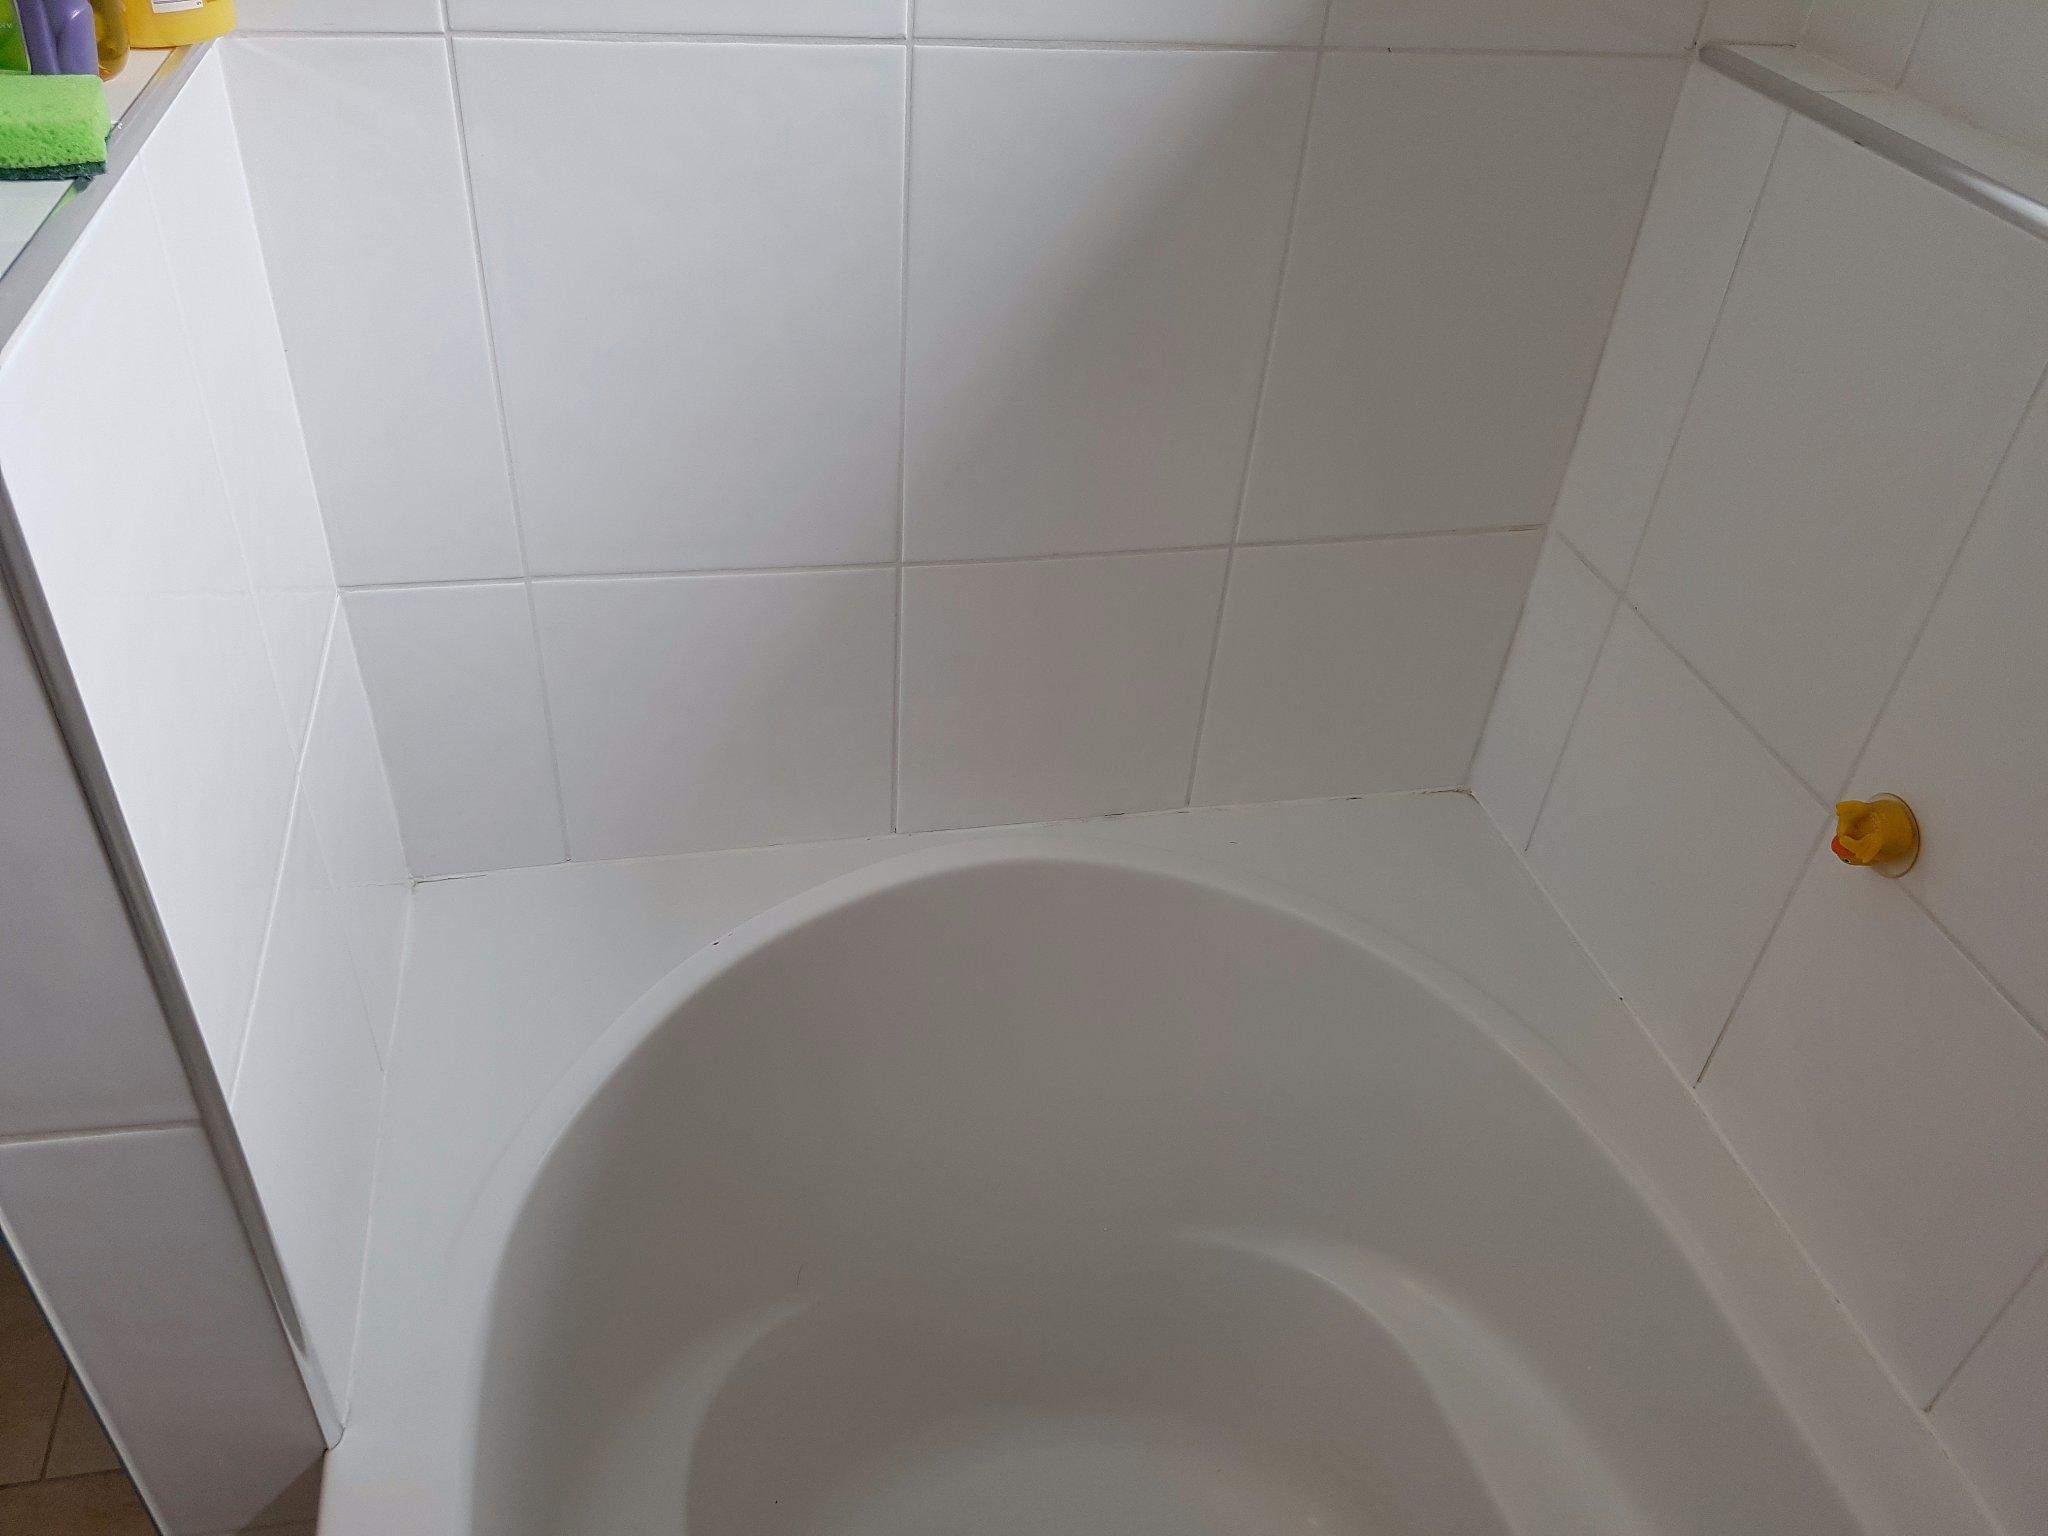 Badkamer afkitten tegels badkamer afkitten eenvoudig uw